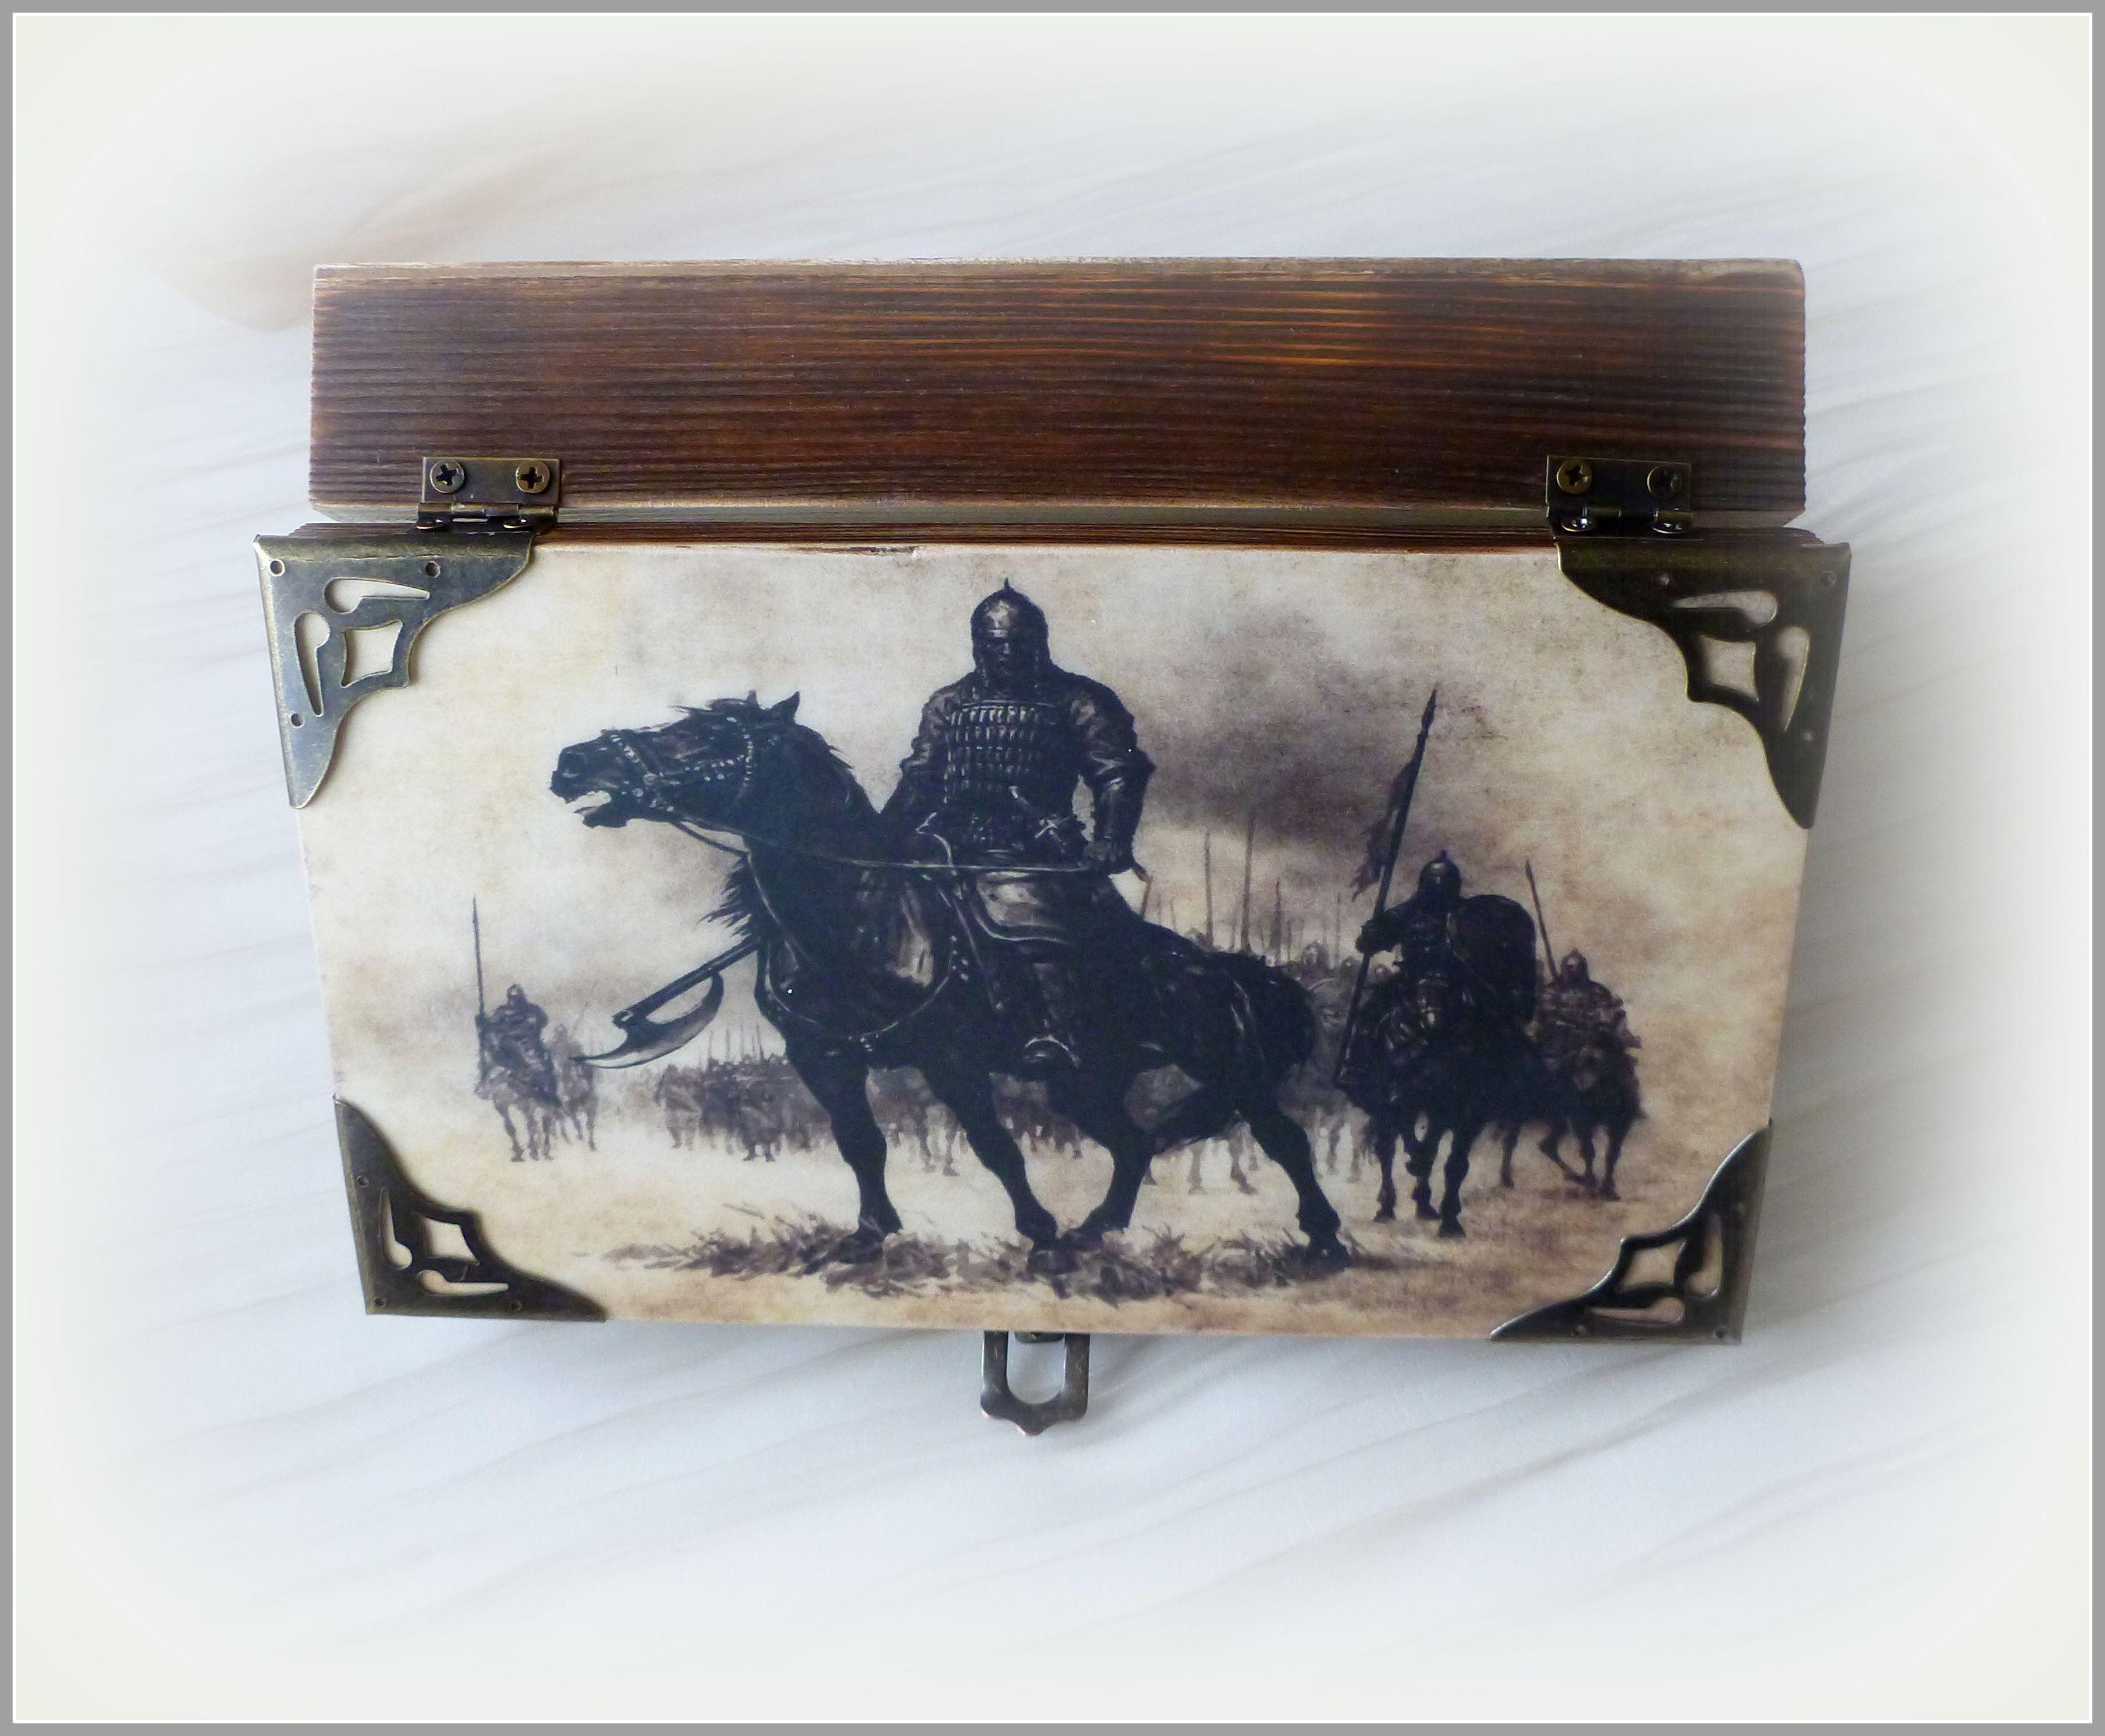 купюрница декупаж шкатулка мужчине коробка купюрницадекупаж дляденег дляденежногоподарка купюрницакупить подарокврачу брутальный богатырь всадник воин рыцарь деревянная мужской коричневый